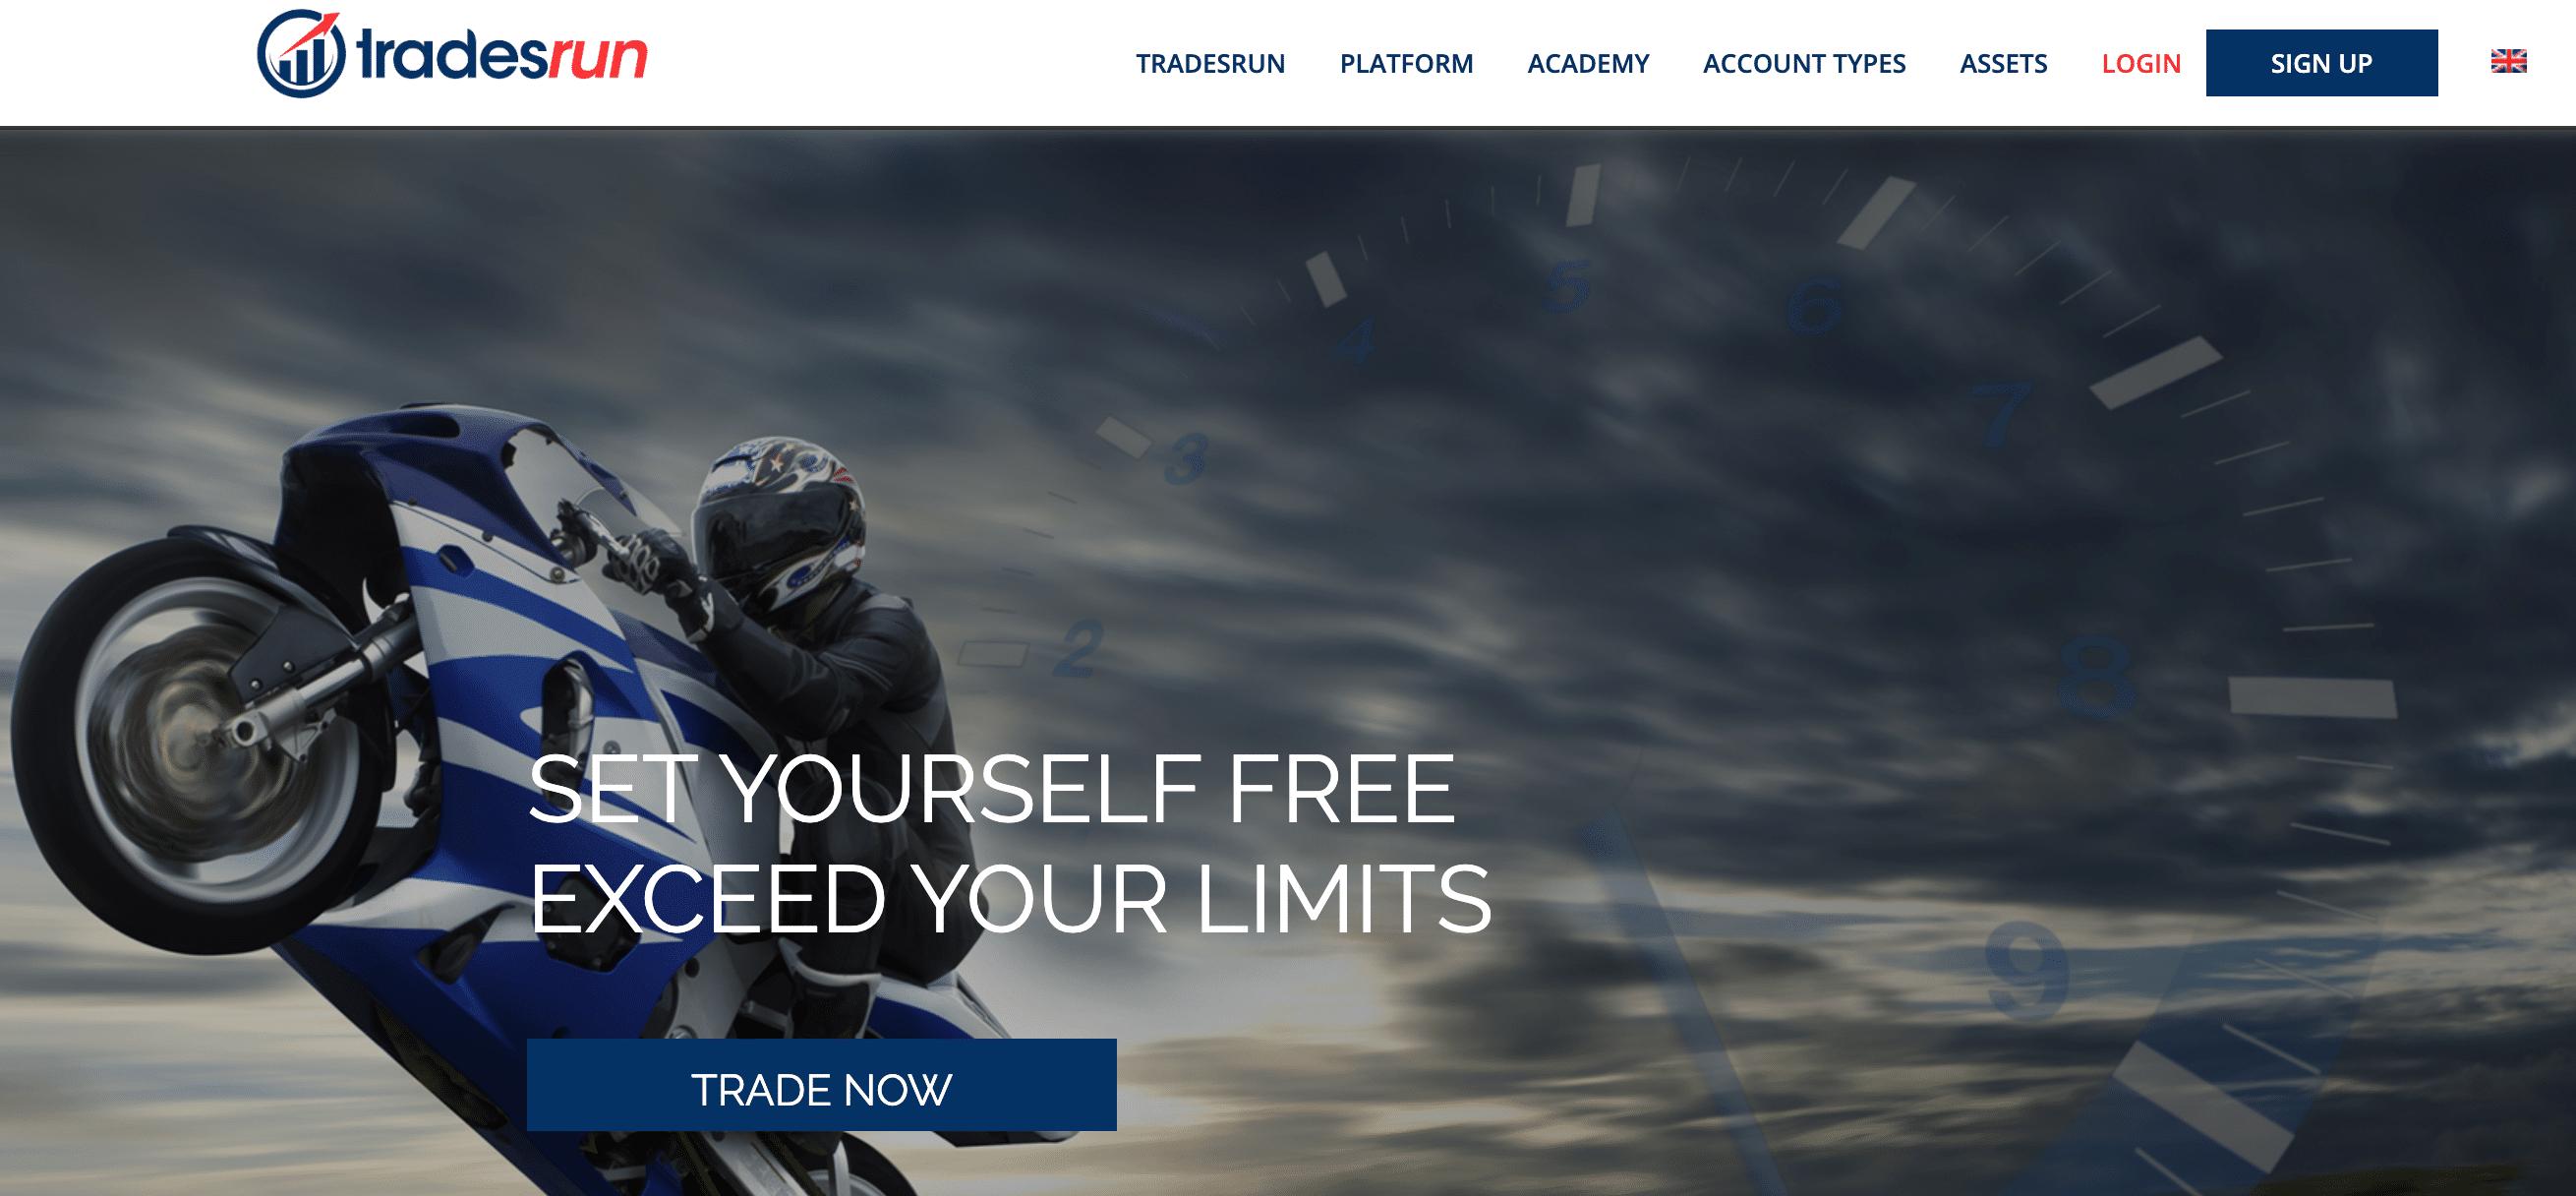 Trades Run Truffa? Recensioni ed Opinioni